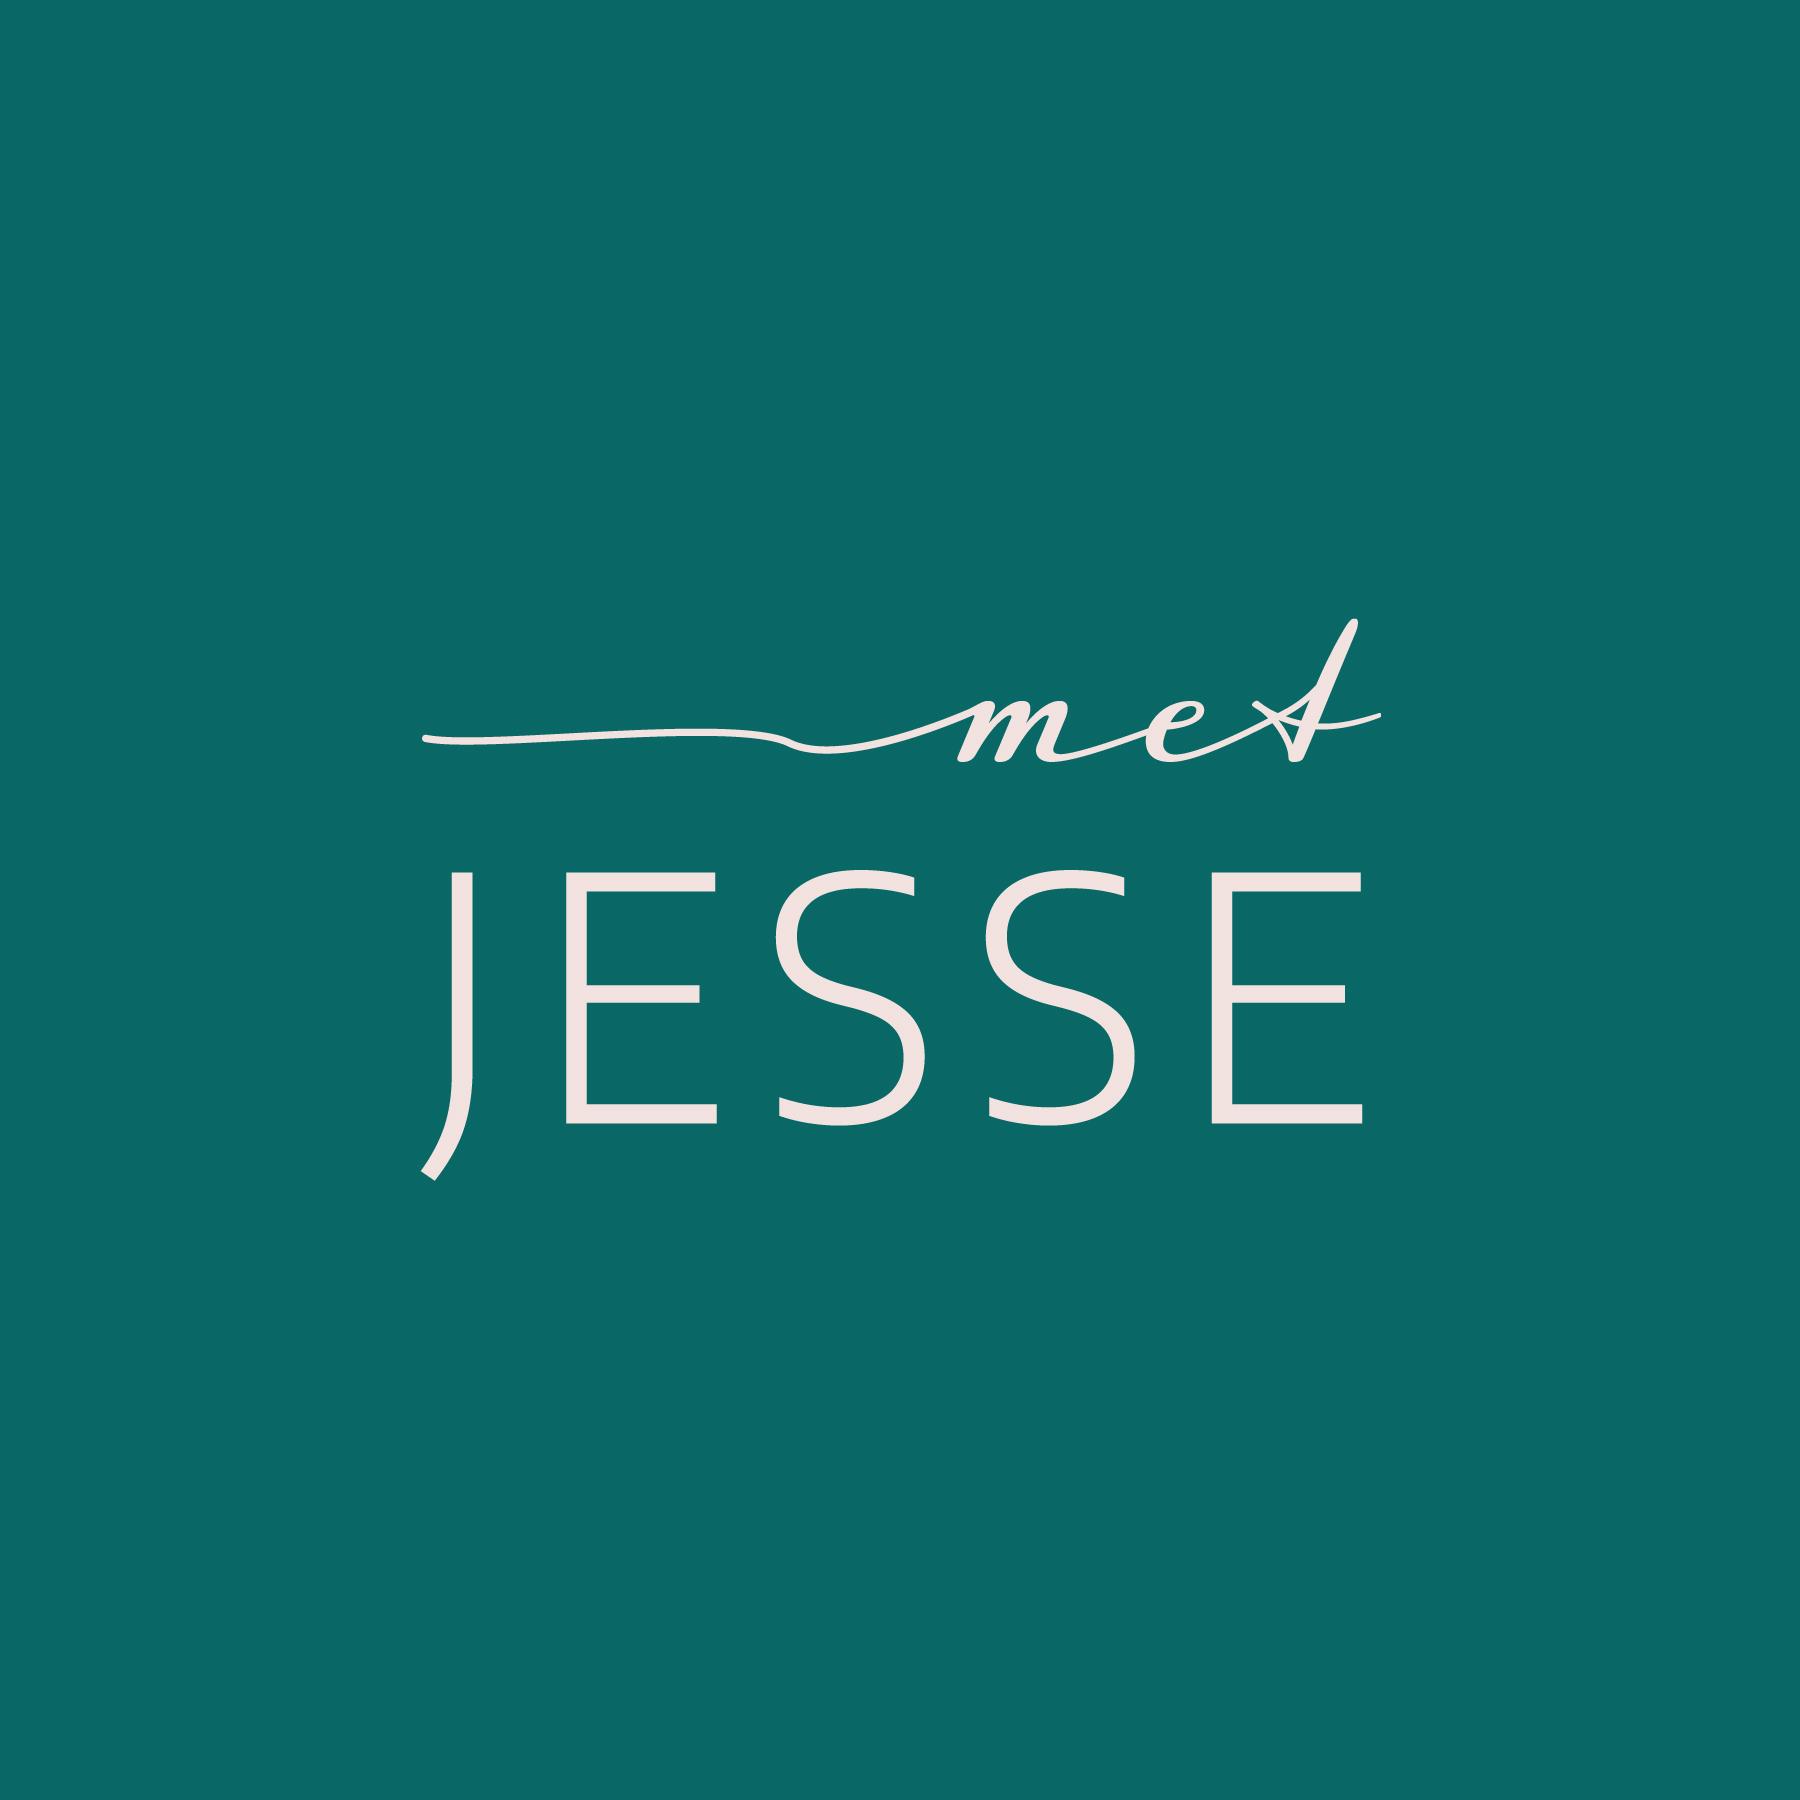 Logo Met jesse melanie velghe illyvanillY.jpg